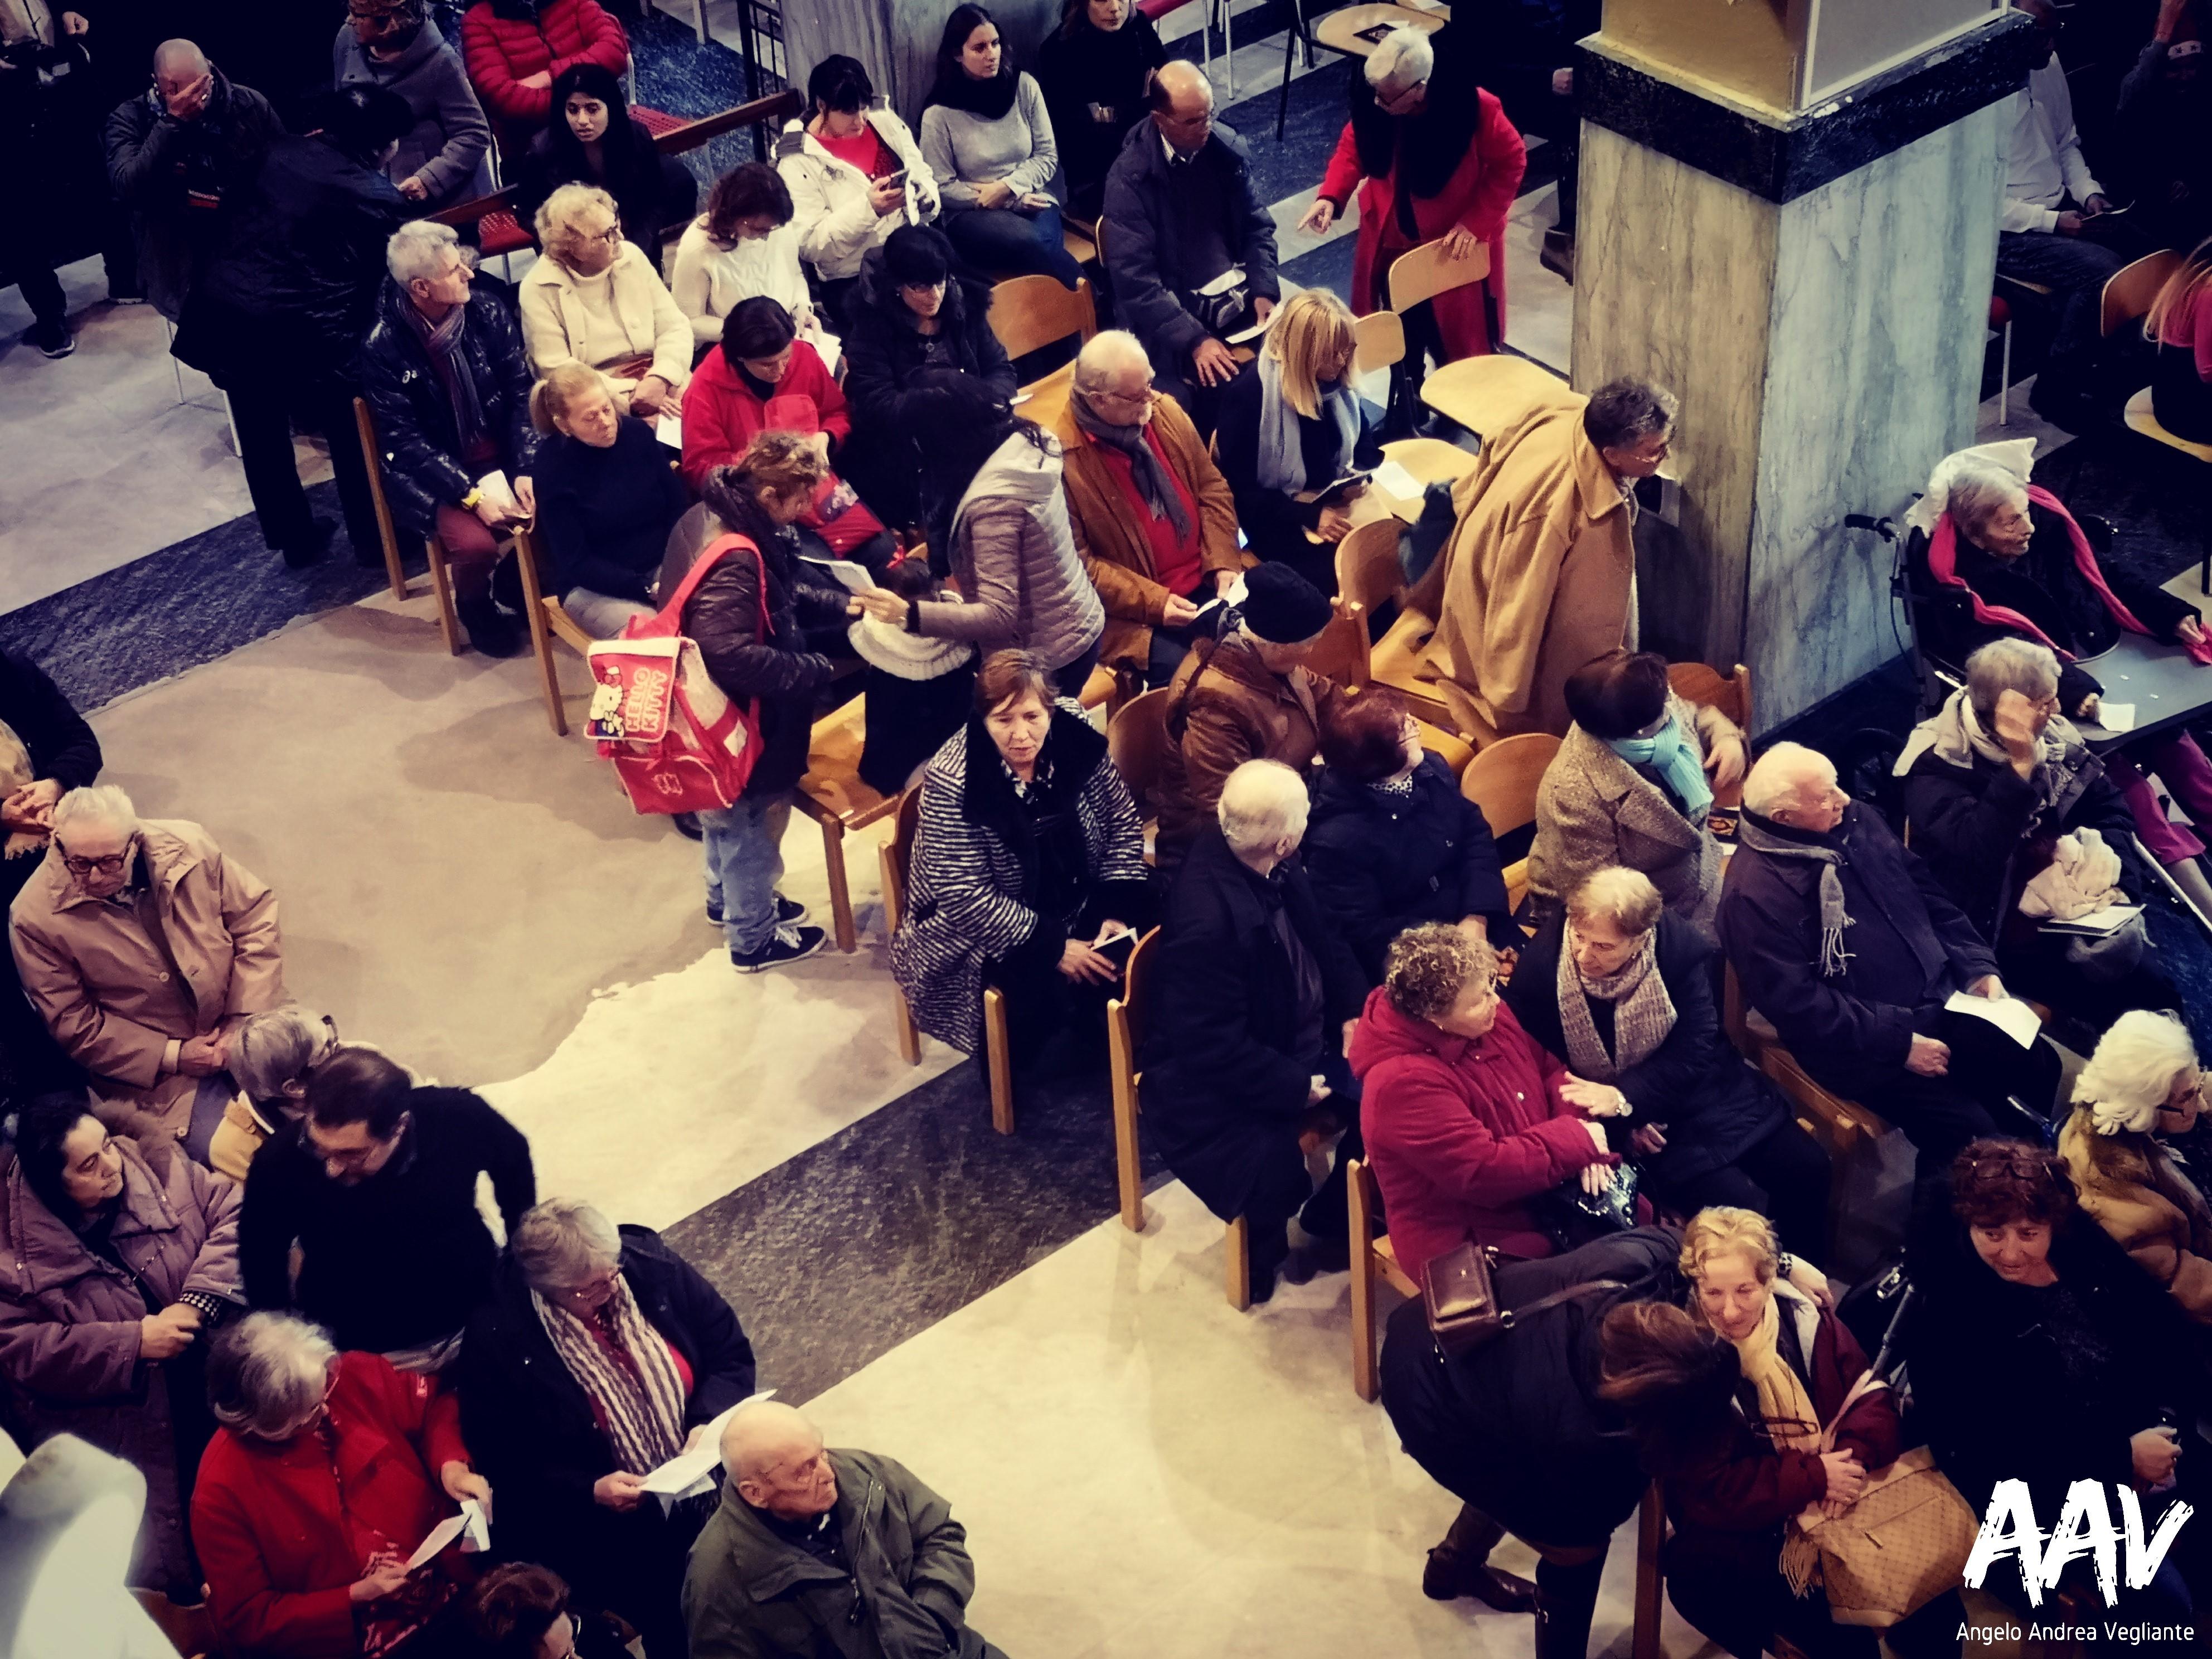 pranzo di natale-pranzo di natale comunità di sant'egidio ostia-ostia lido-comunità di sant'egidio ostia-pranzo di natale-angelo andrea vegliante-colui che veglia